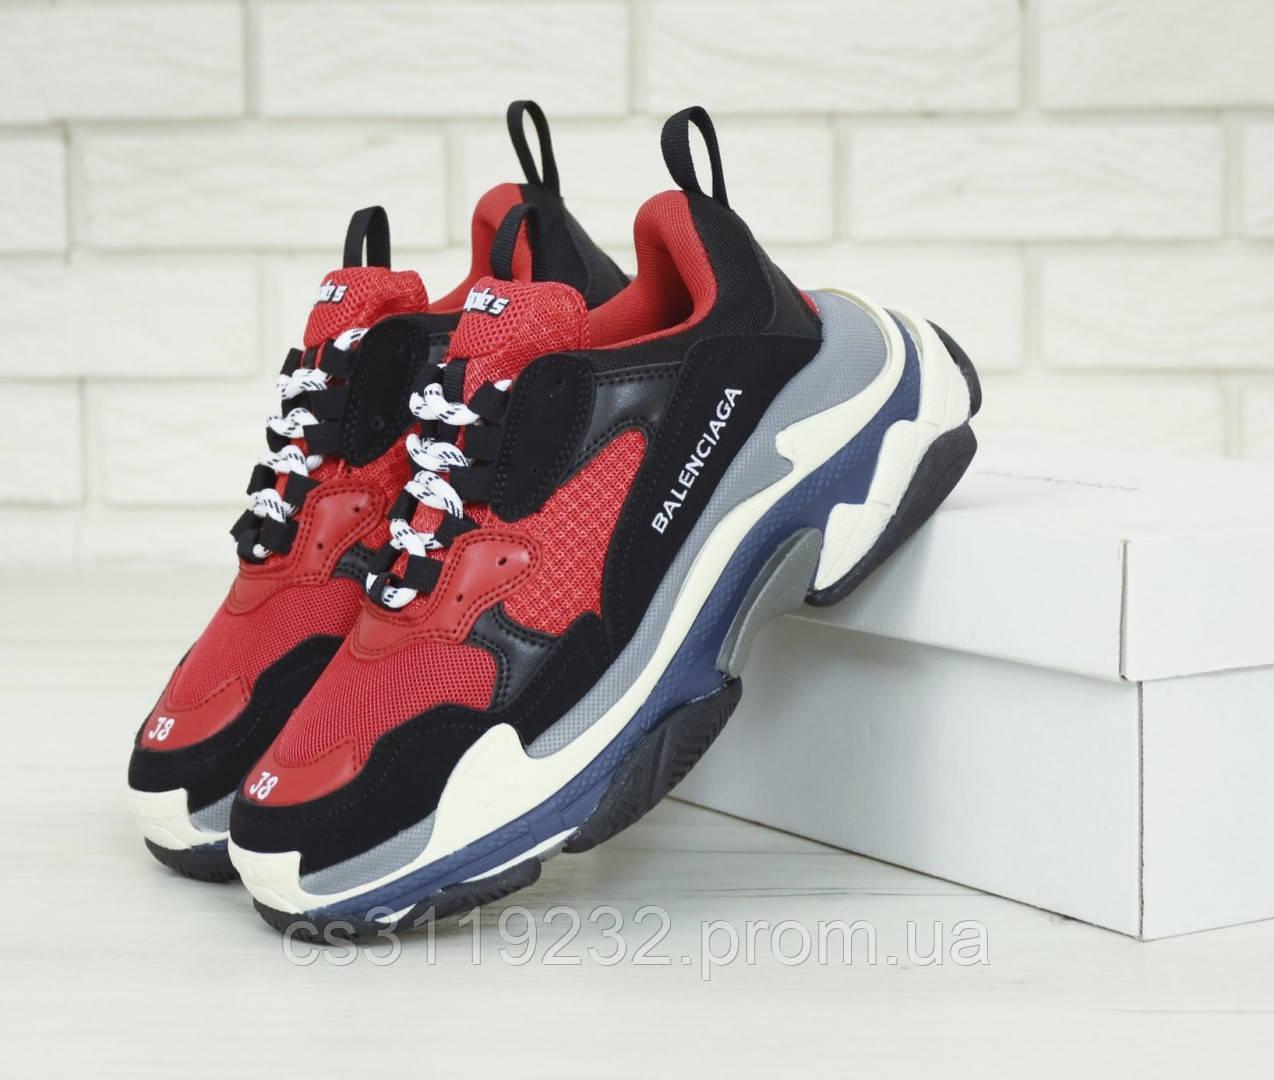 Мужские кроссовки Balenciaga Triple-S (красно-черные)